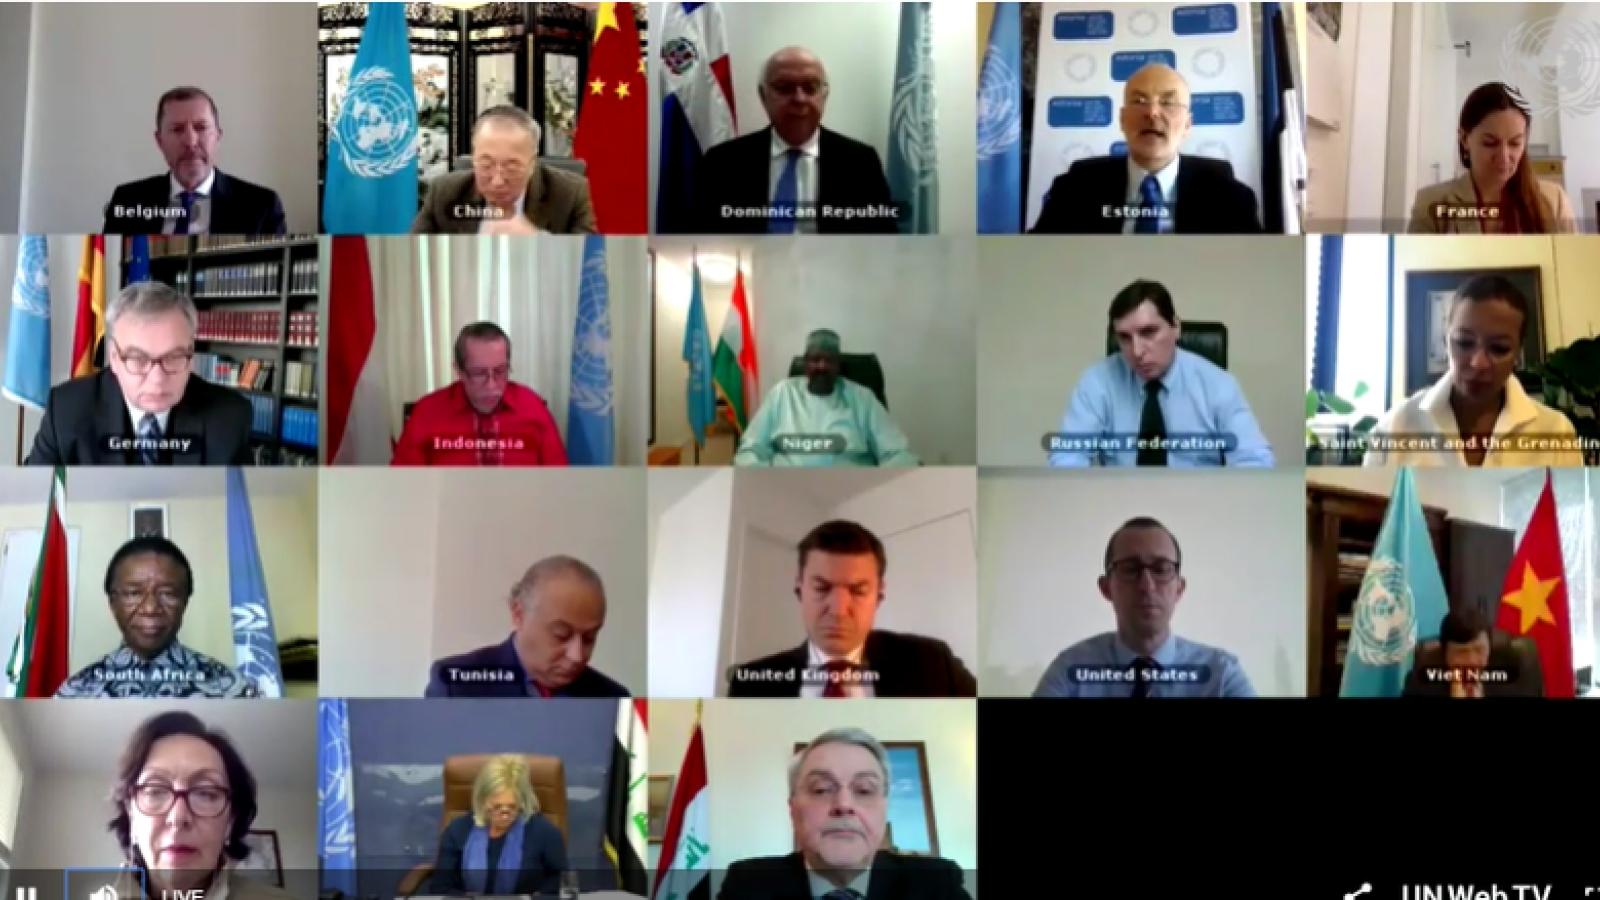 Hội đồng Bảo an Liên Hợp Quốc thảo luận về tình hình Iraq